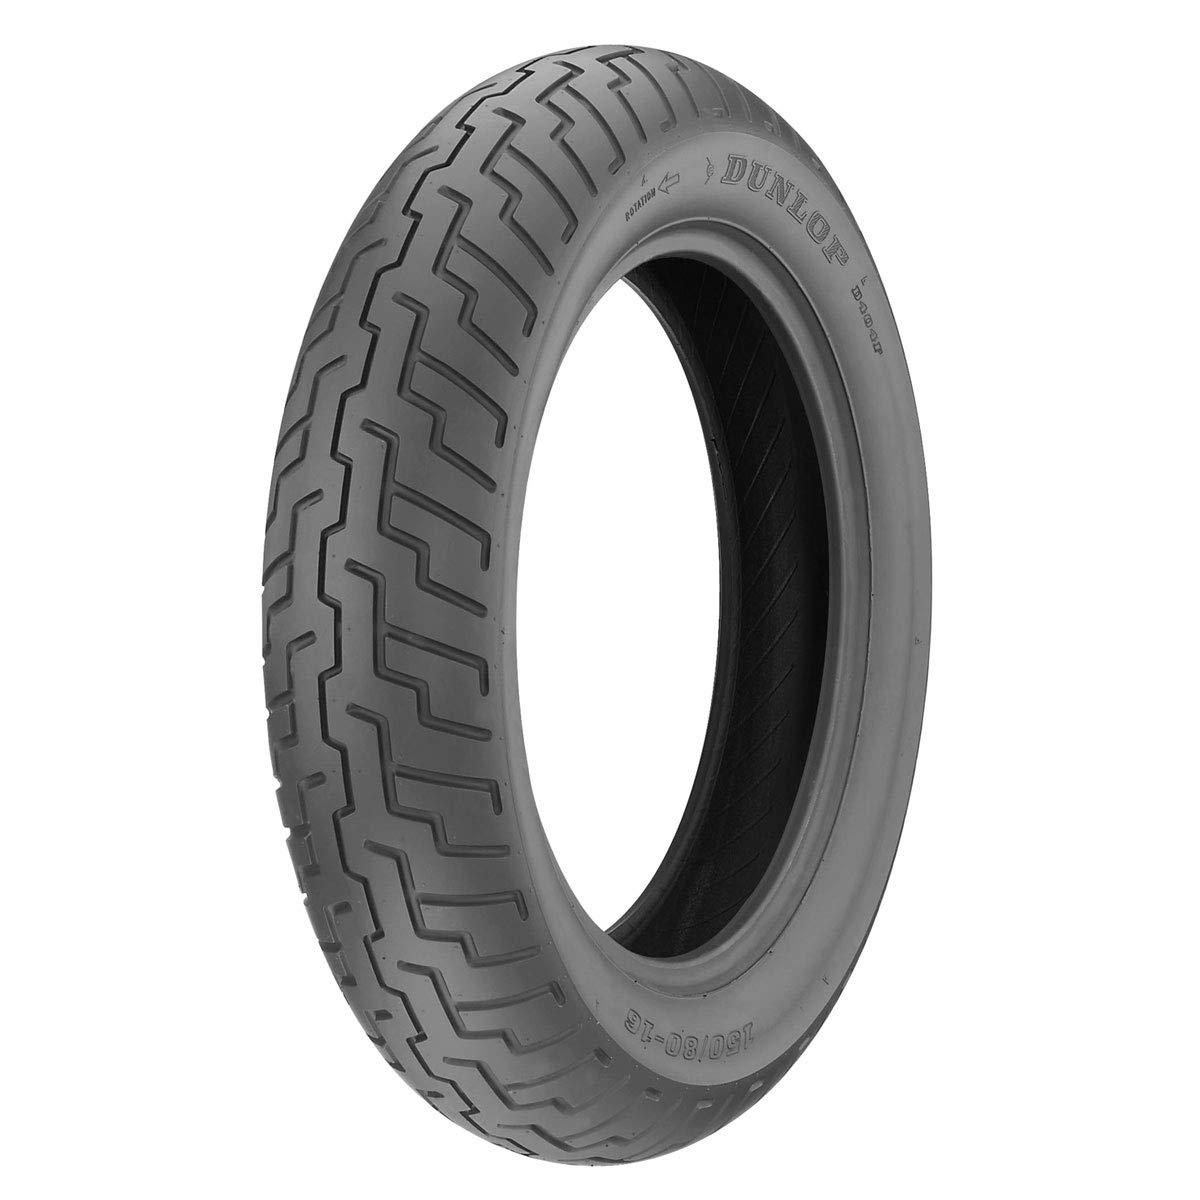 Dunlop D404 110/90-19 Front Tire 45605424 4333046336 tr-310505